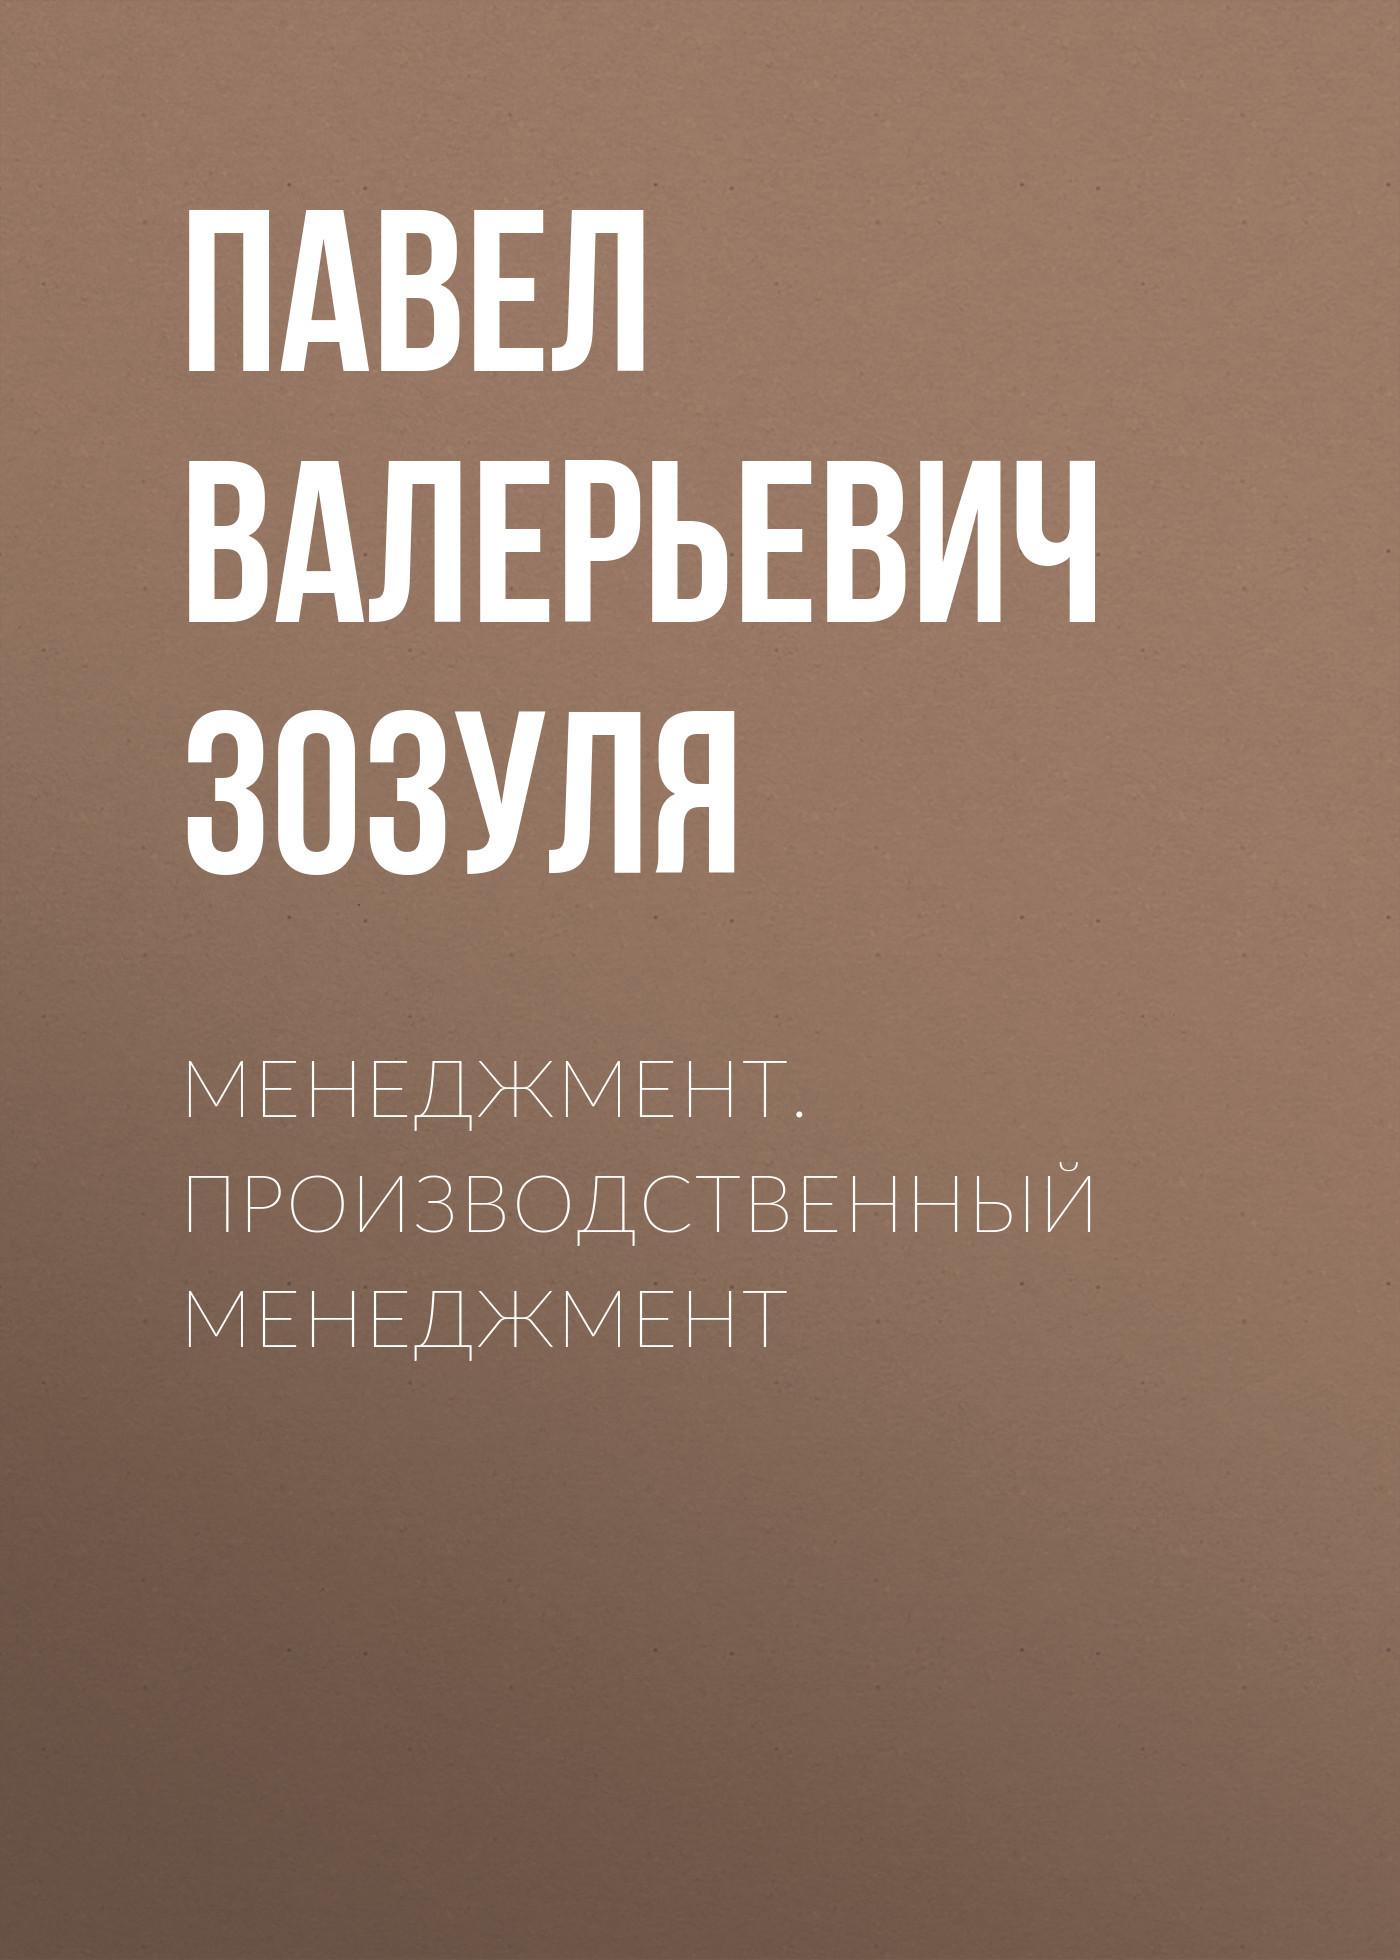 Павел Валерьевич Зозуля Менеджмент. Производственный менеджмент алексей валерьевич палысаев дар